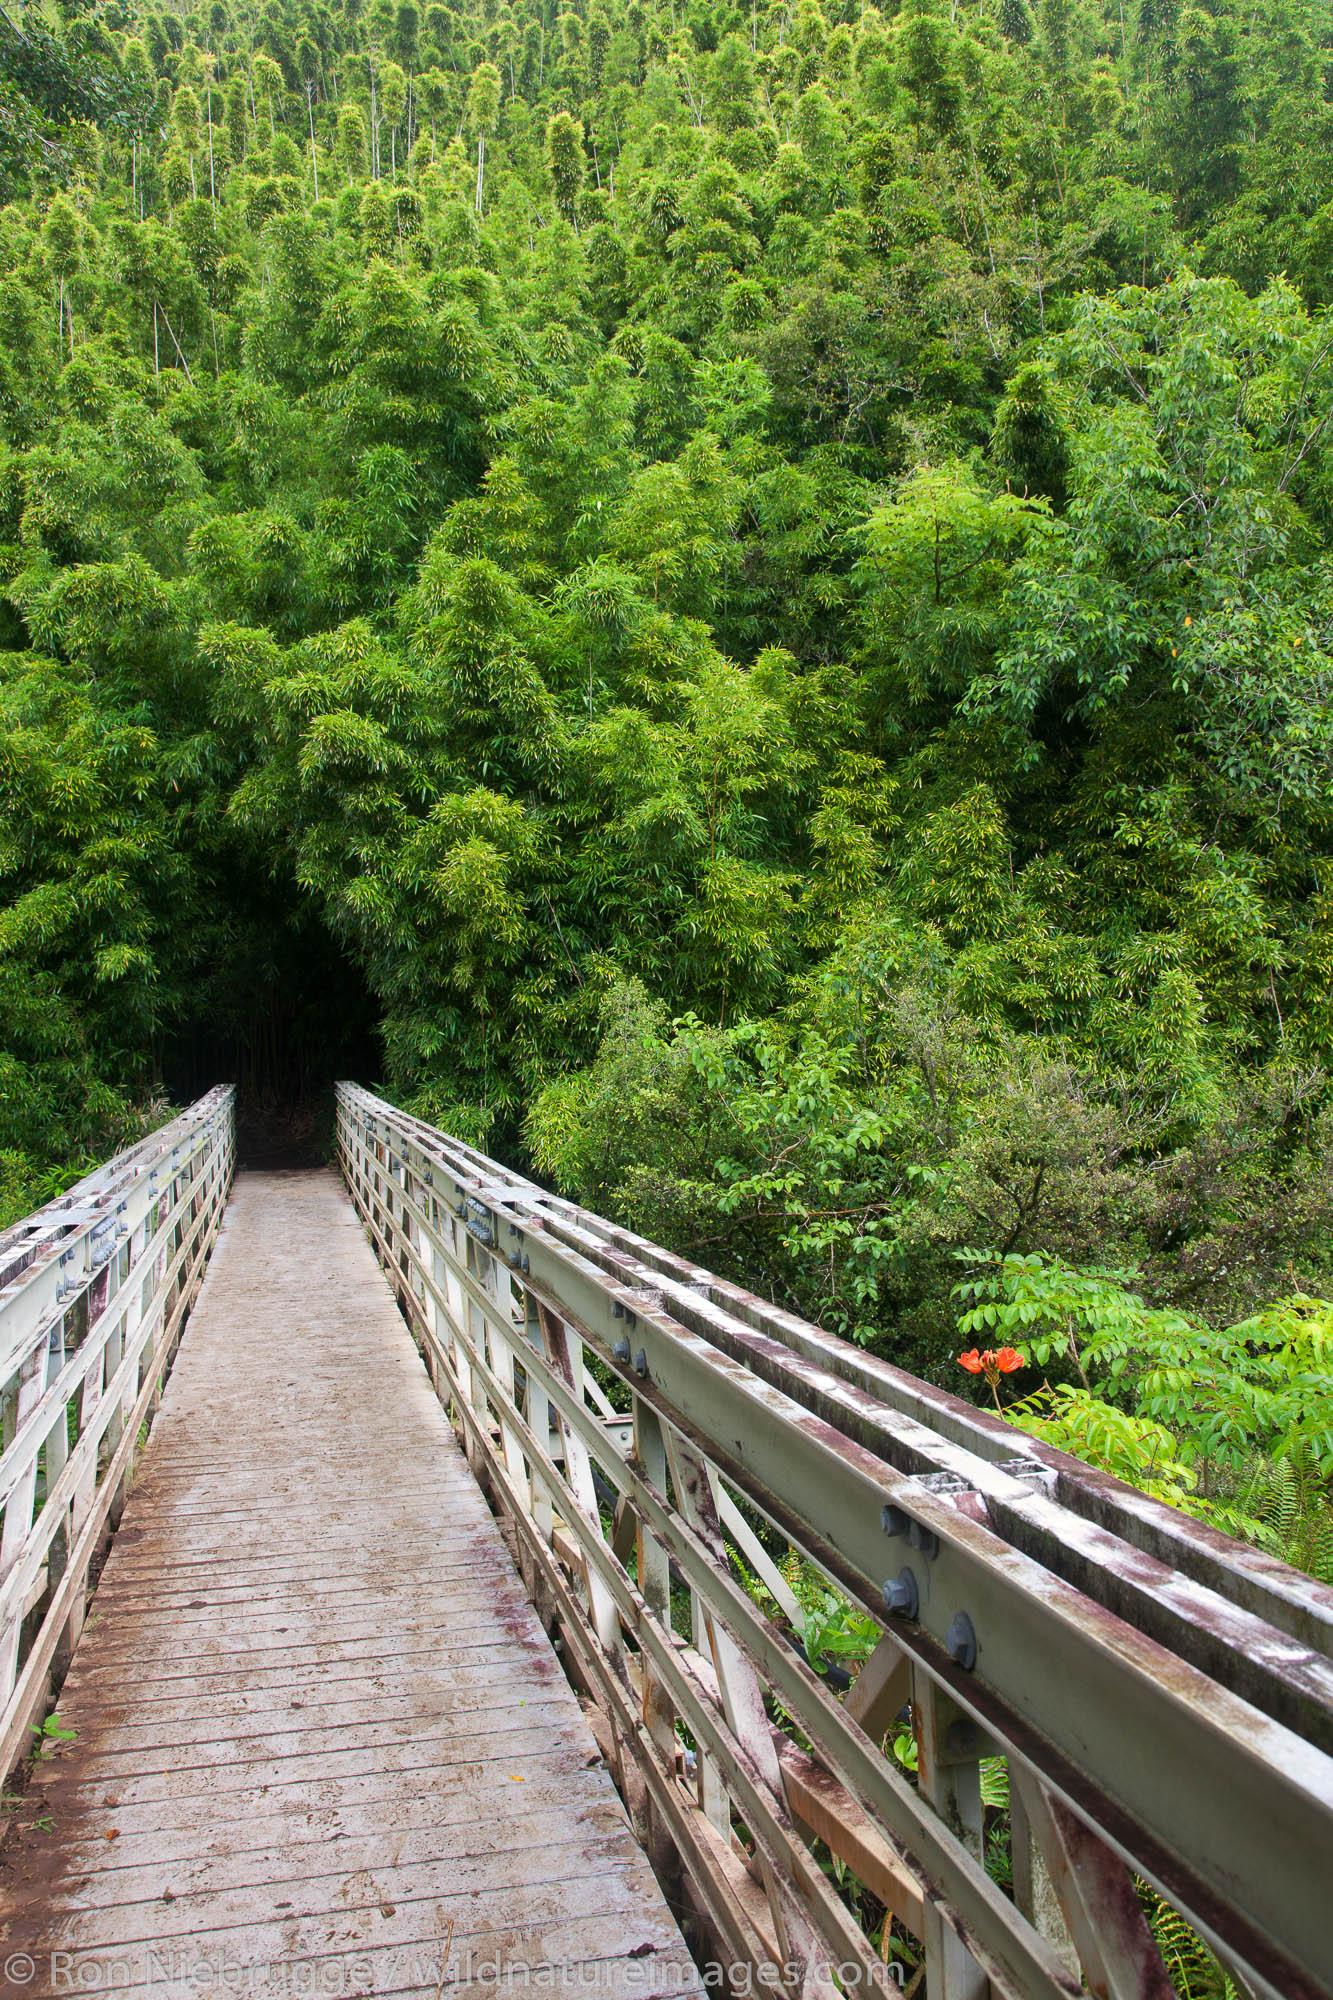 Along the Pipiwai Trail above the Ohe'o Gulch - aka Seven Sacred Pools, Haleakala National Park, near Hana, Maui, Hawaii.